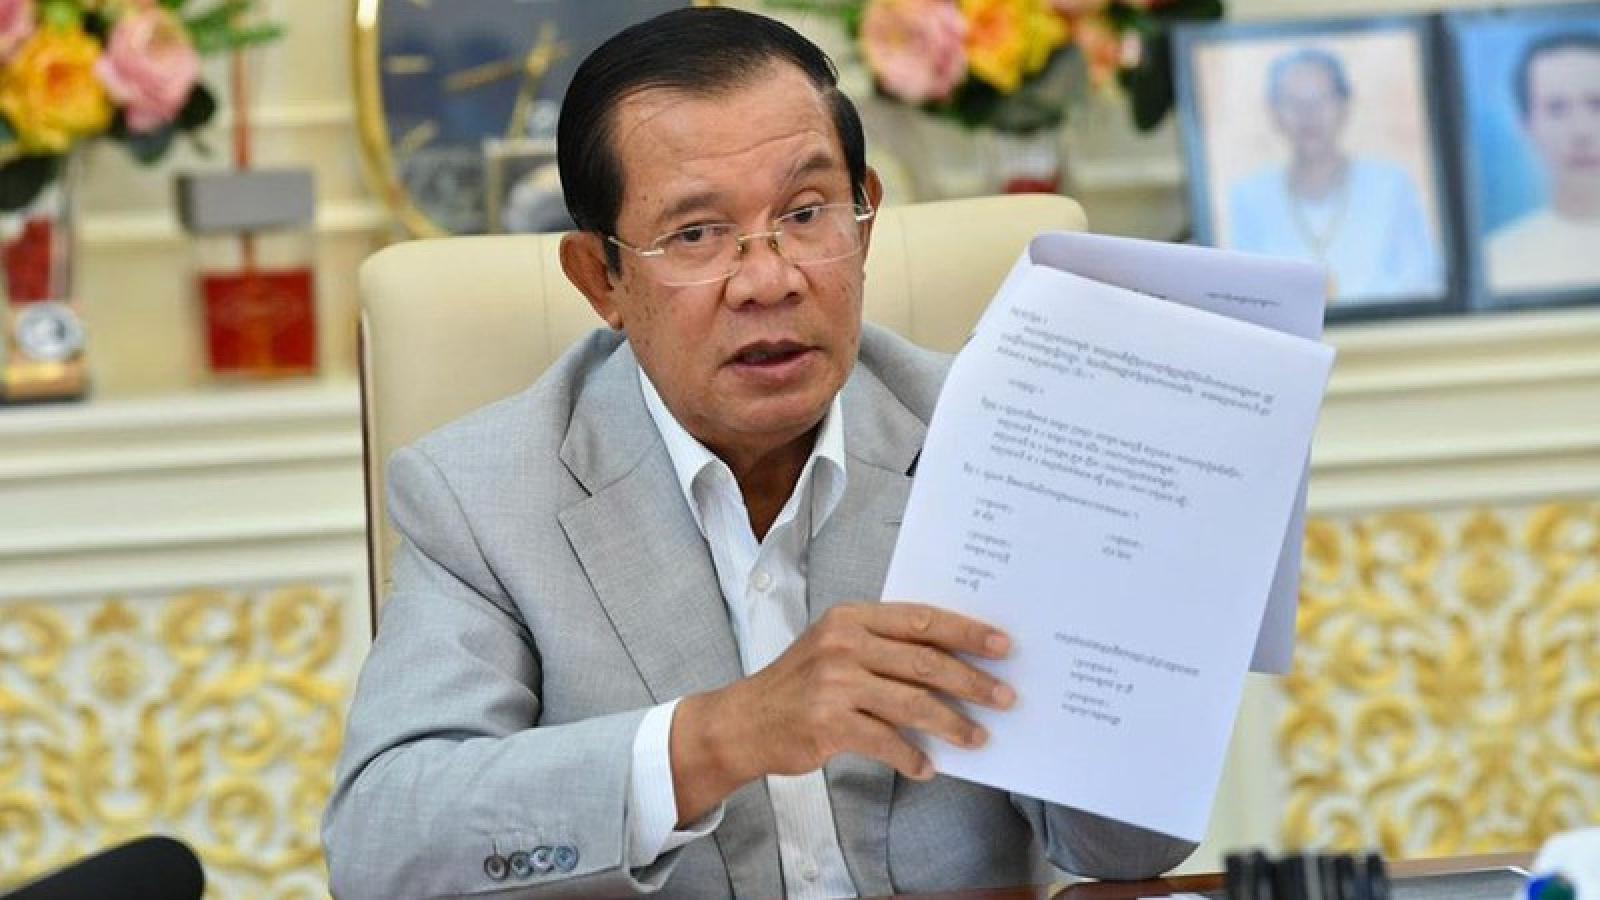 Campuchia cấm các chuyến bay từ Malaysia và Indonesia để ngừa Covid-19